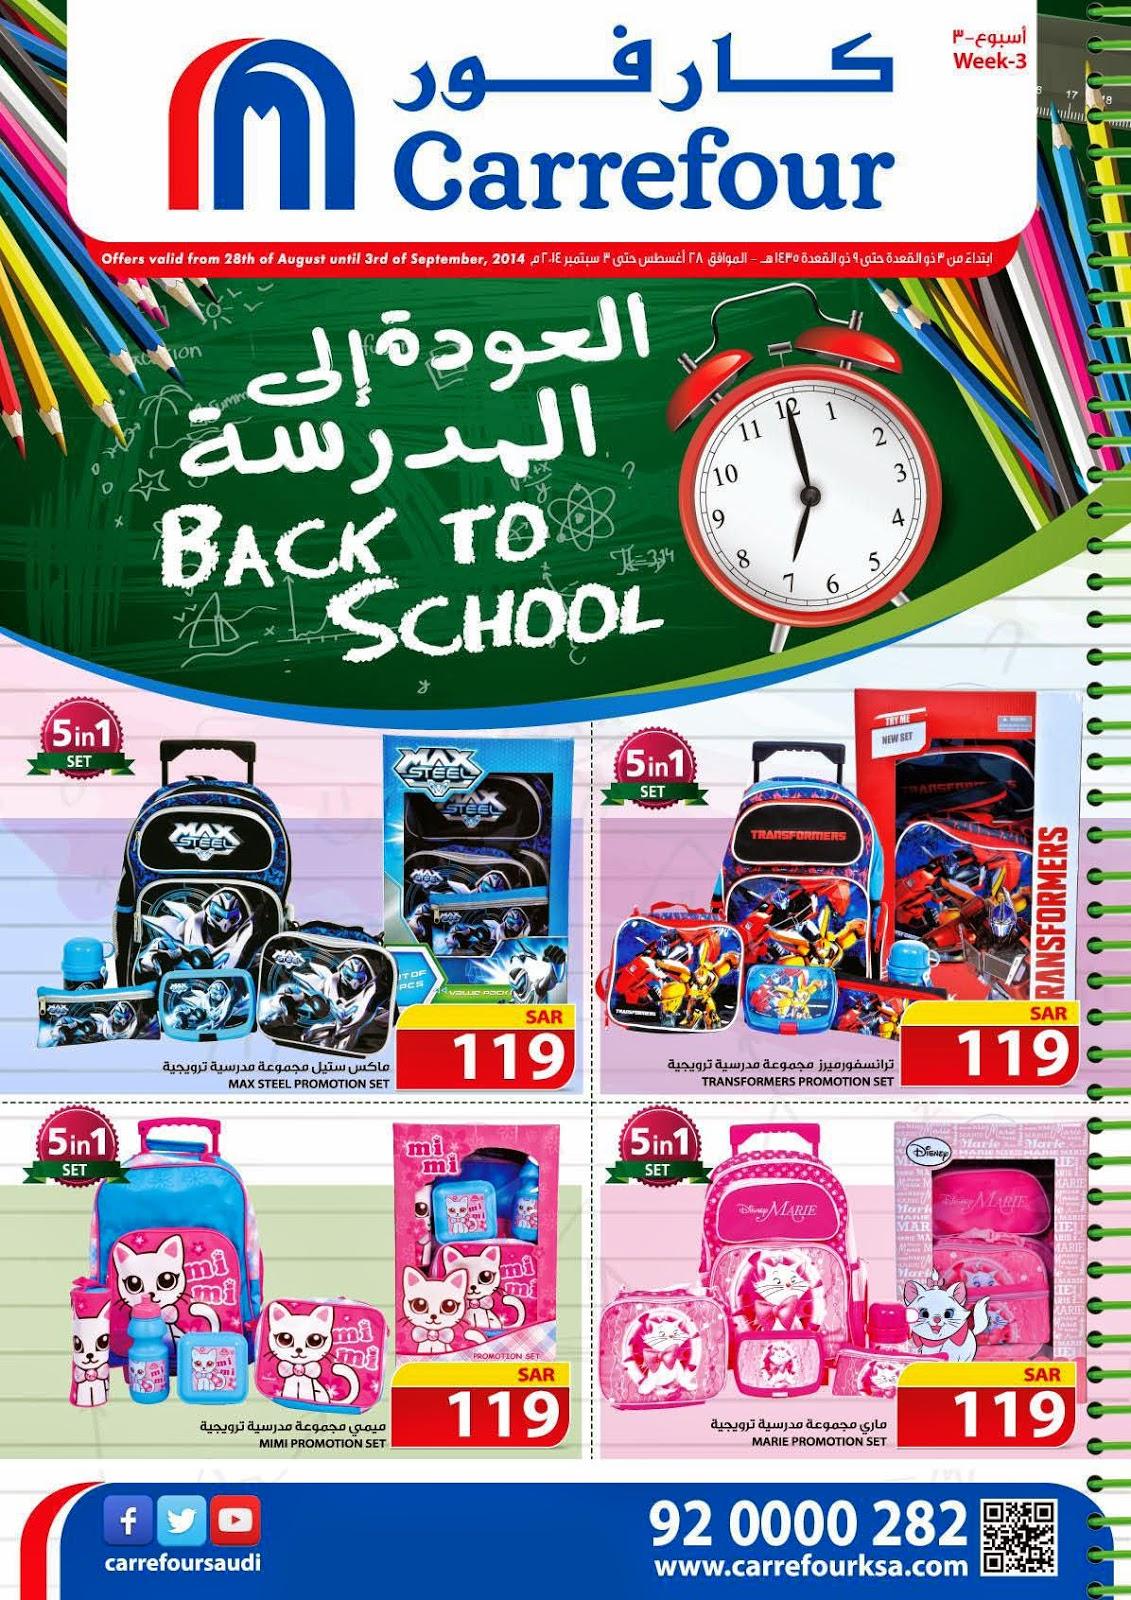 عروض العودة الى المدارس من كارفور السعودية 2014